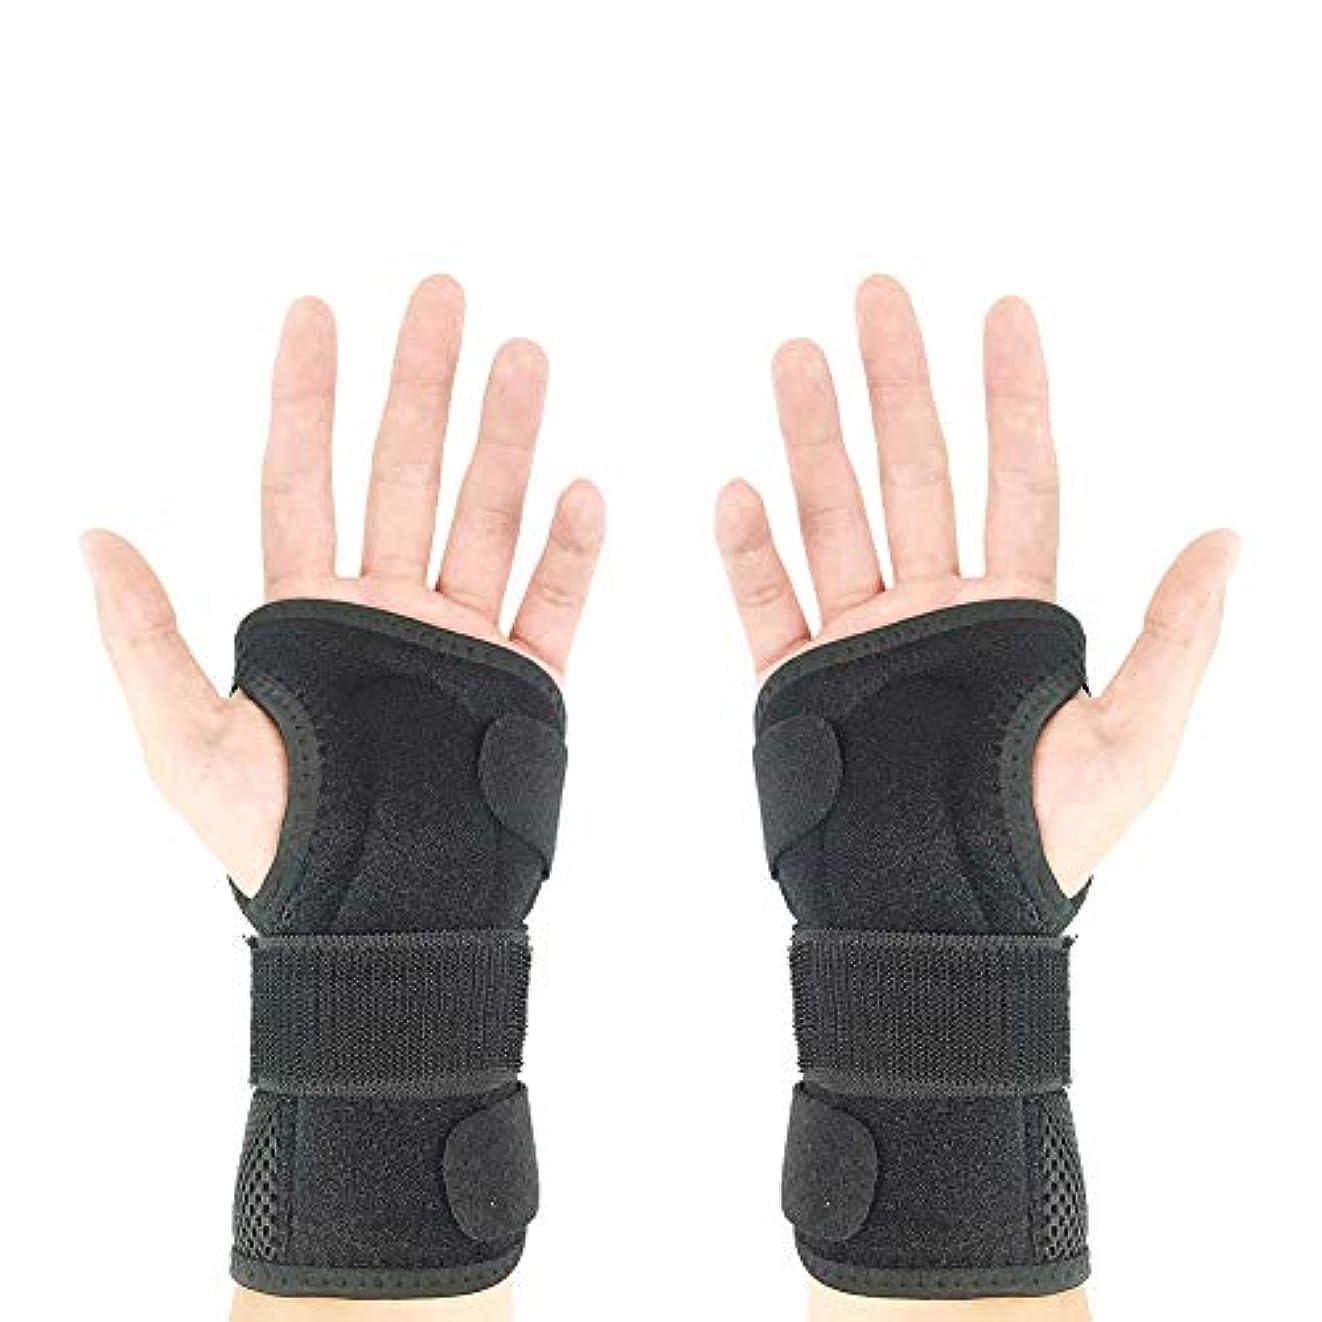 良心的そして実際のRadiya 手首 サポーター 手首 固定 通気サポーター 手首保護 捻挫 手根管症候群 腱鞘炎 骨折 サポーター 軽量2つアルミ製プレート 調節可能 フリーサイズ 男女兼用 (両手)